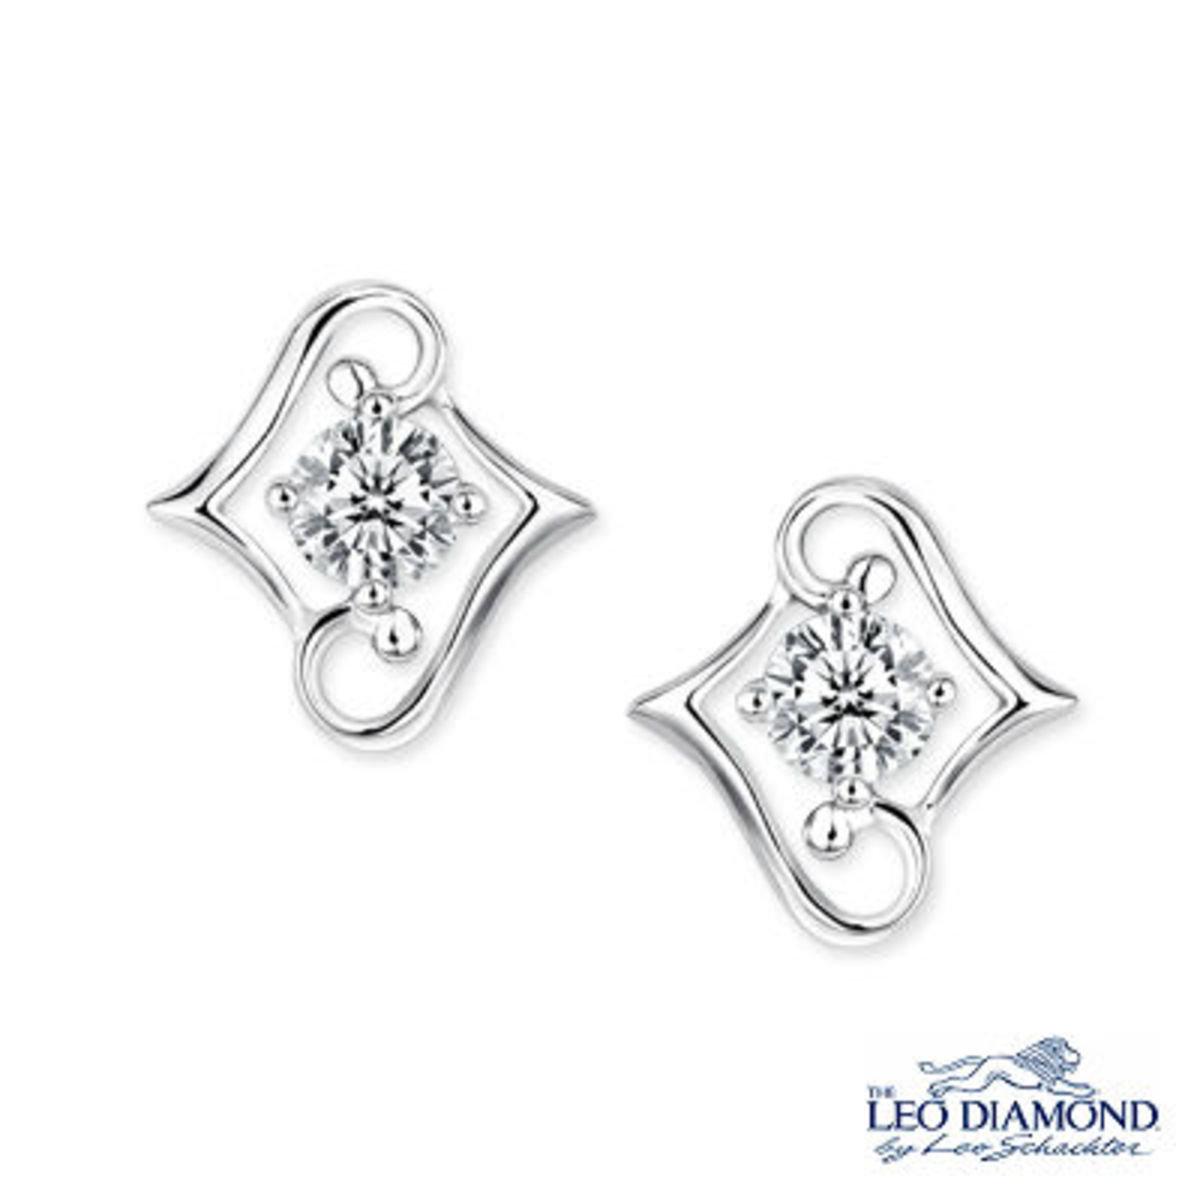 環抱愛鑽飾系列 - 18K/750白色黃金單顆鑽石耳環